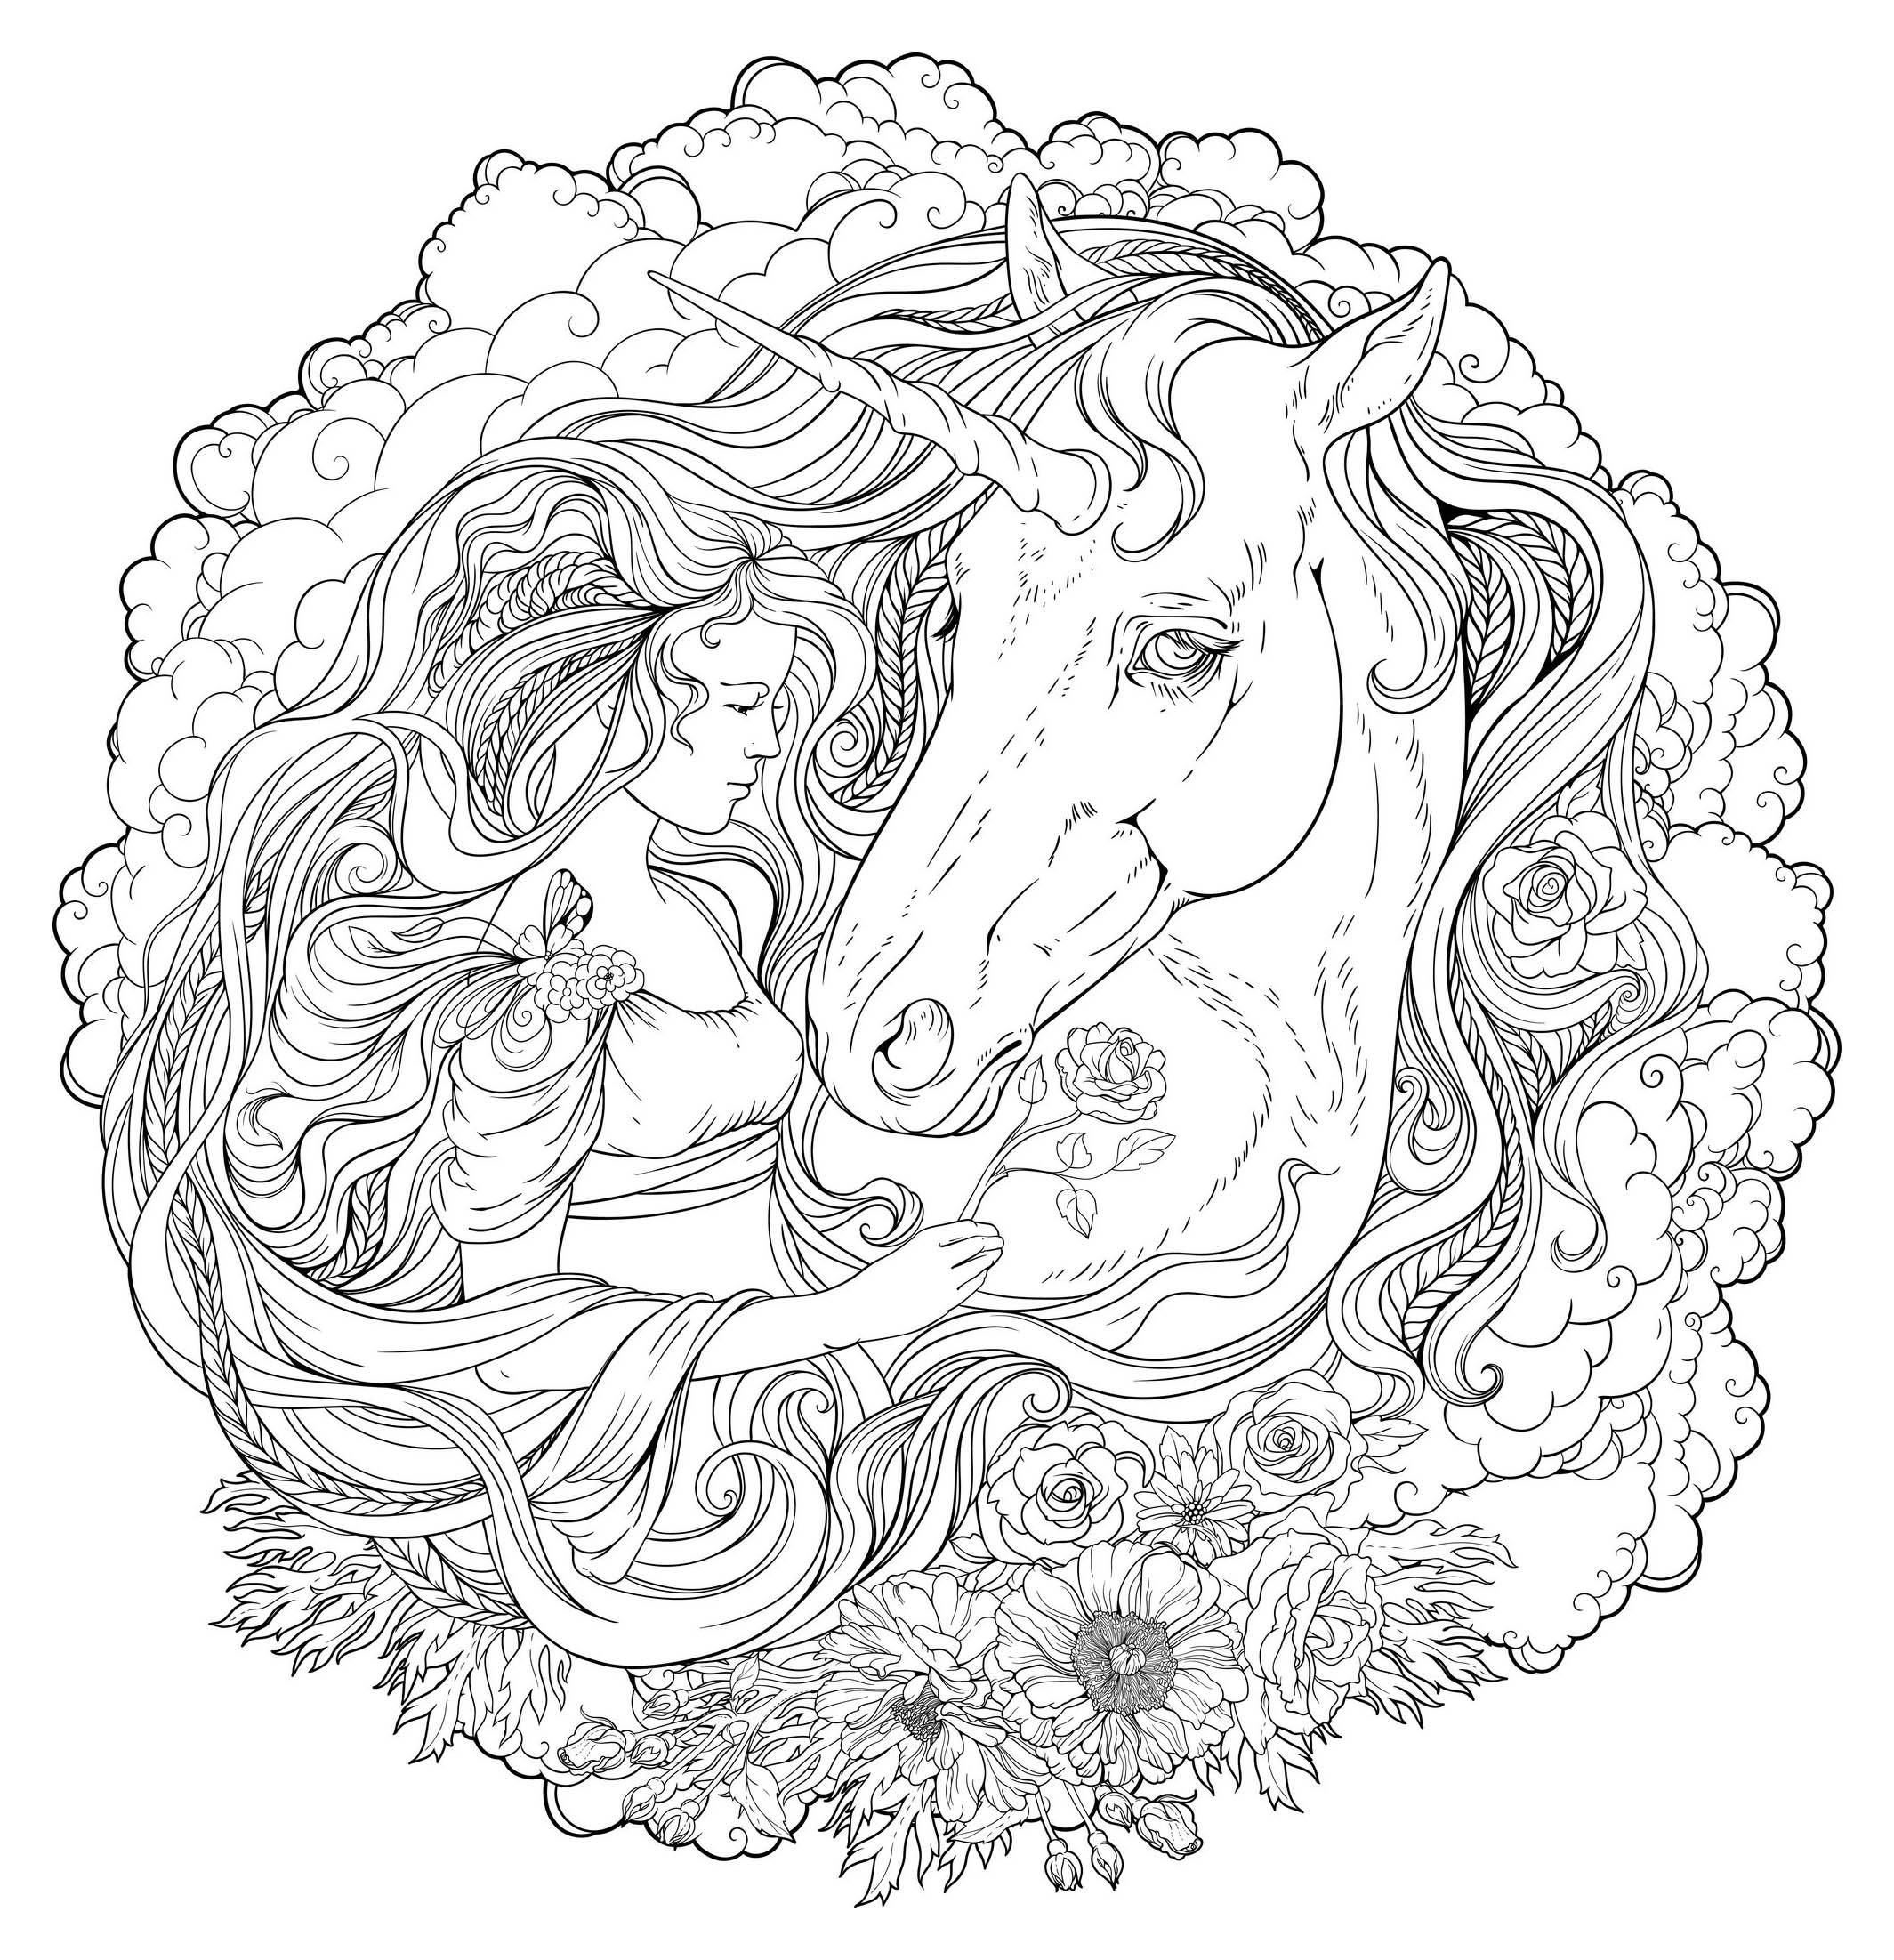 Mandala fille et licorne mandalas avec personnages 100 - Imprimer des mandalas gratuit ...